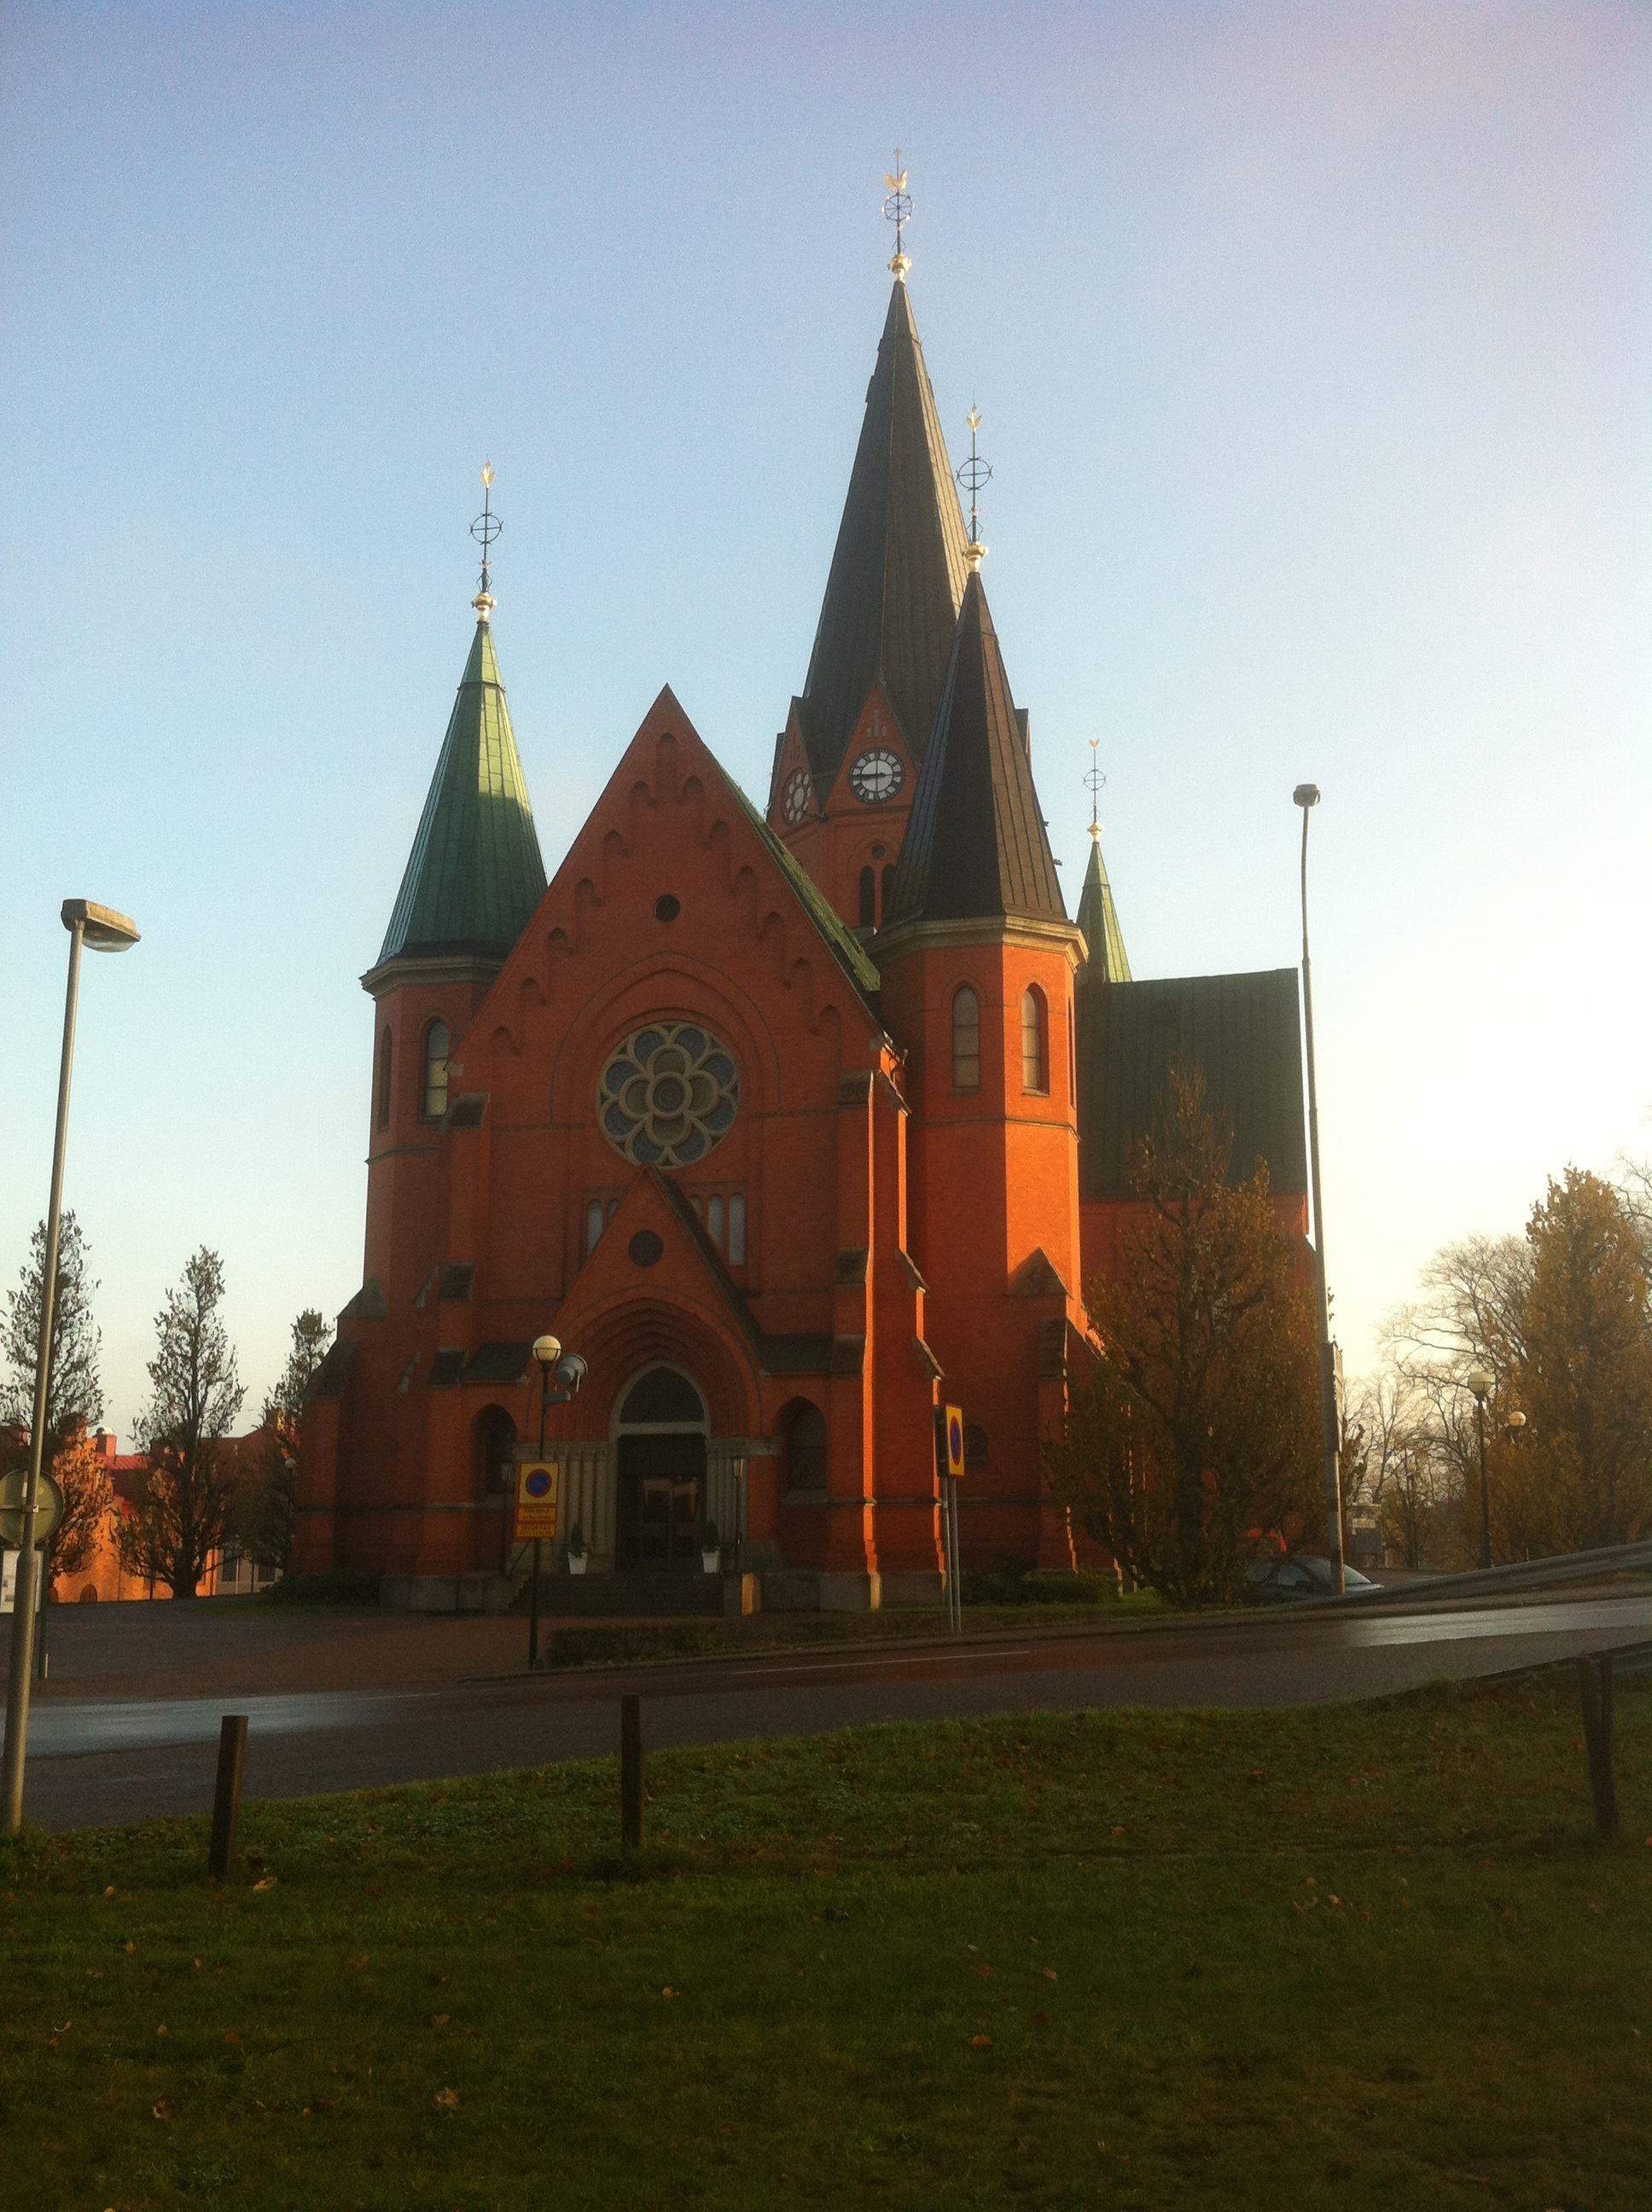 Lördagsmusik i S:t Petri kyrka